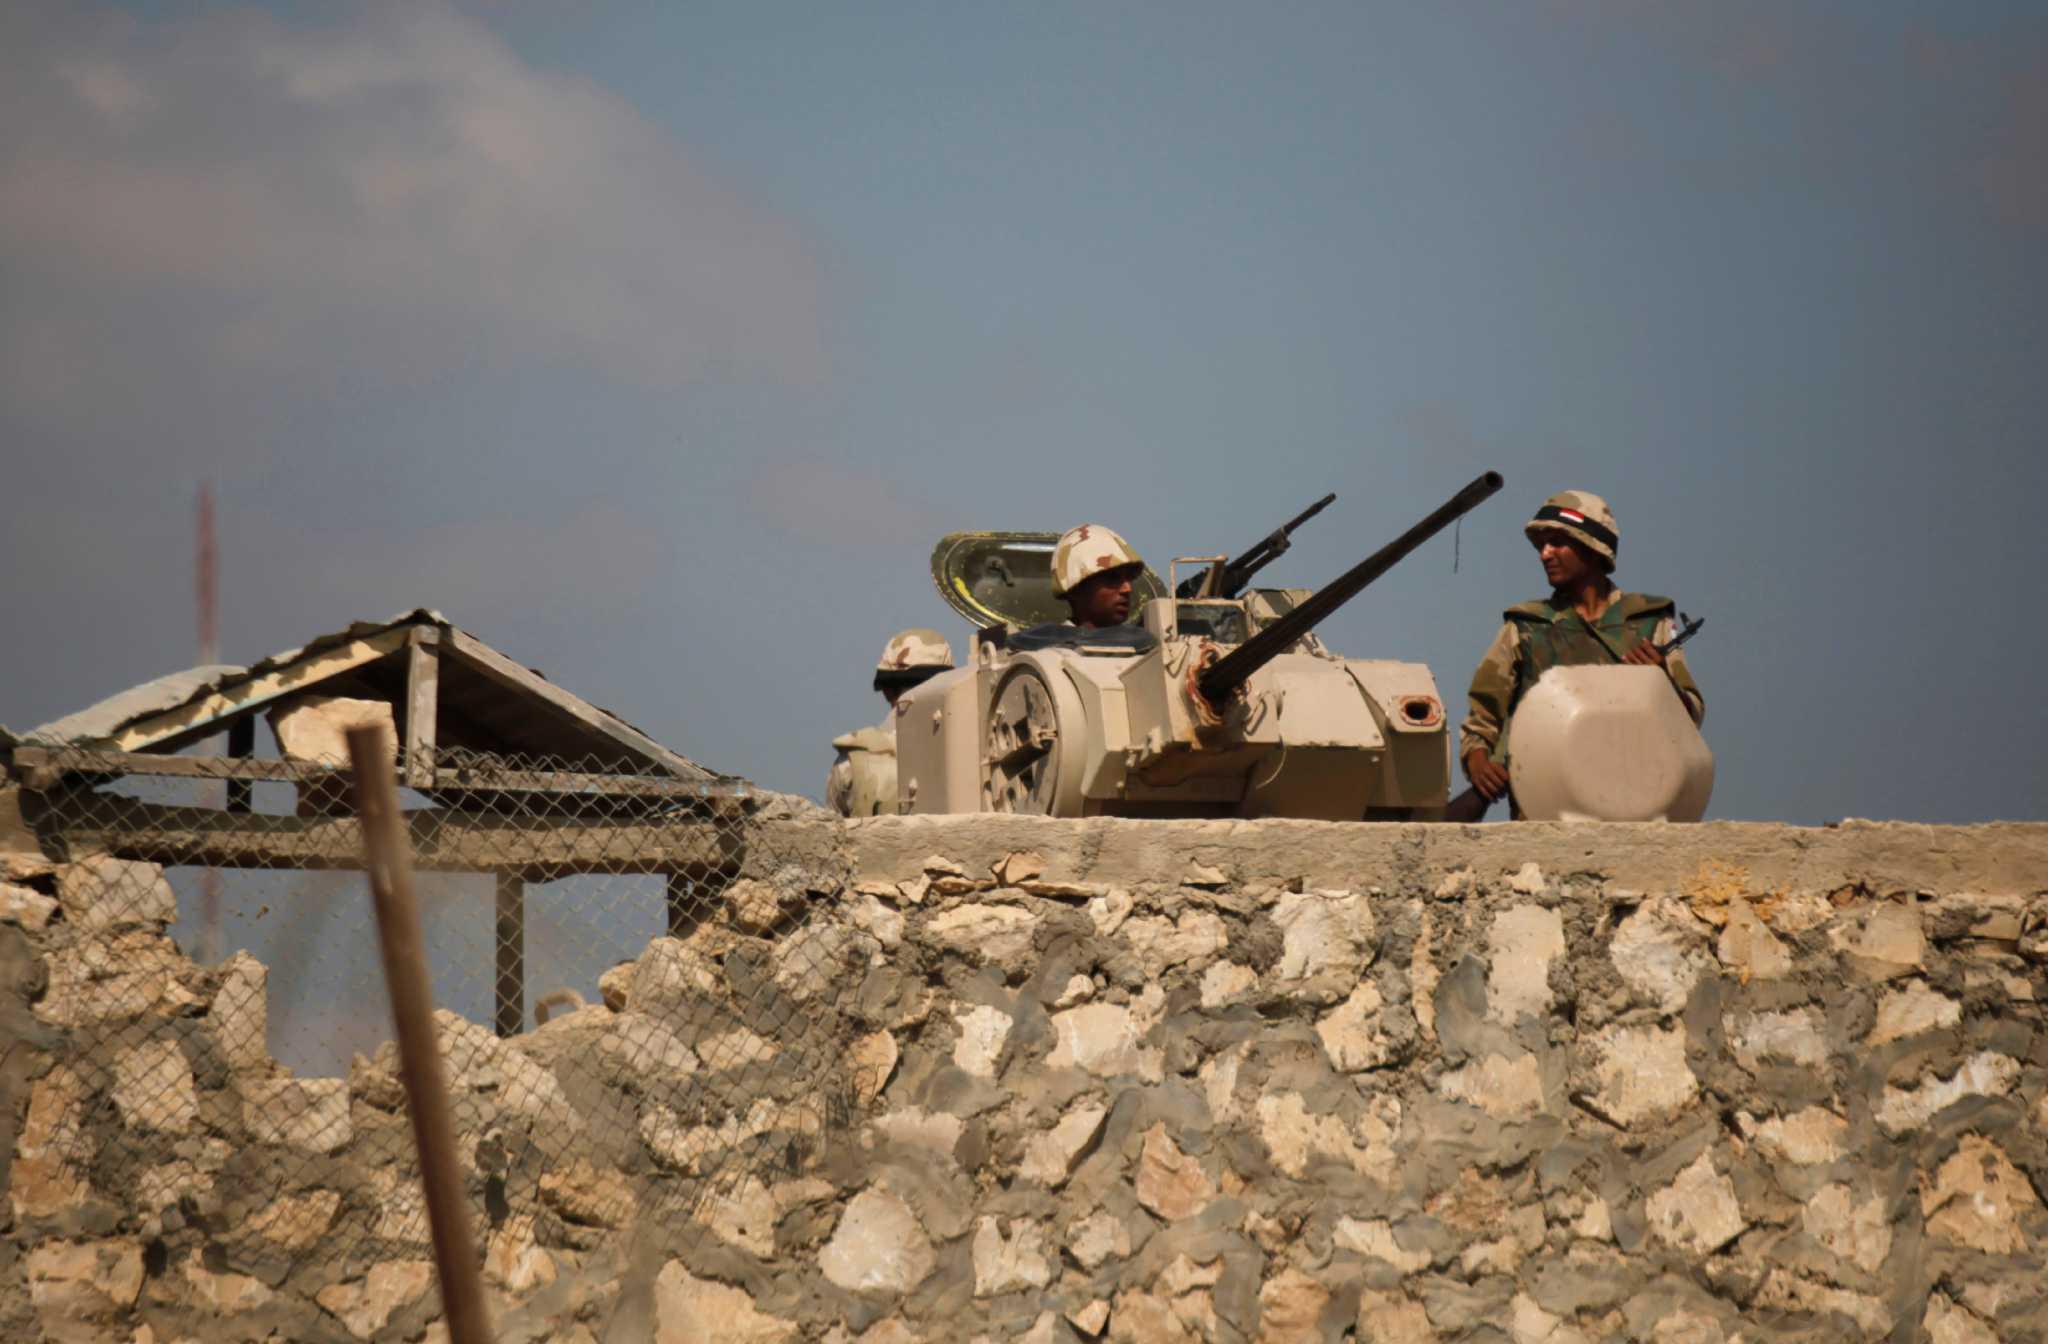 اعتقال عشرات الإرهابيين وتدمير بؤر إجرامية في سيناء